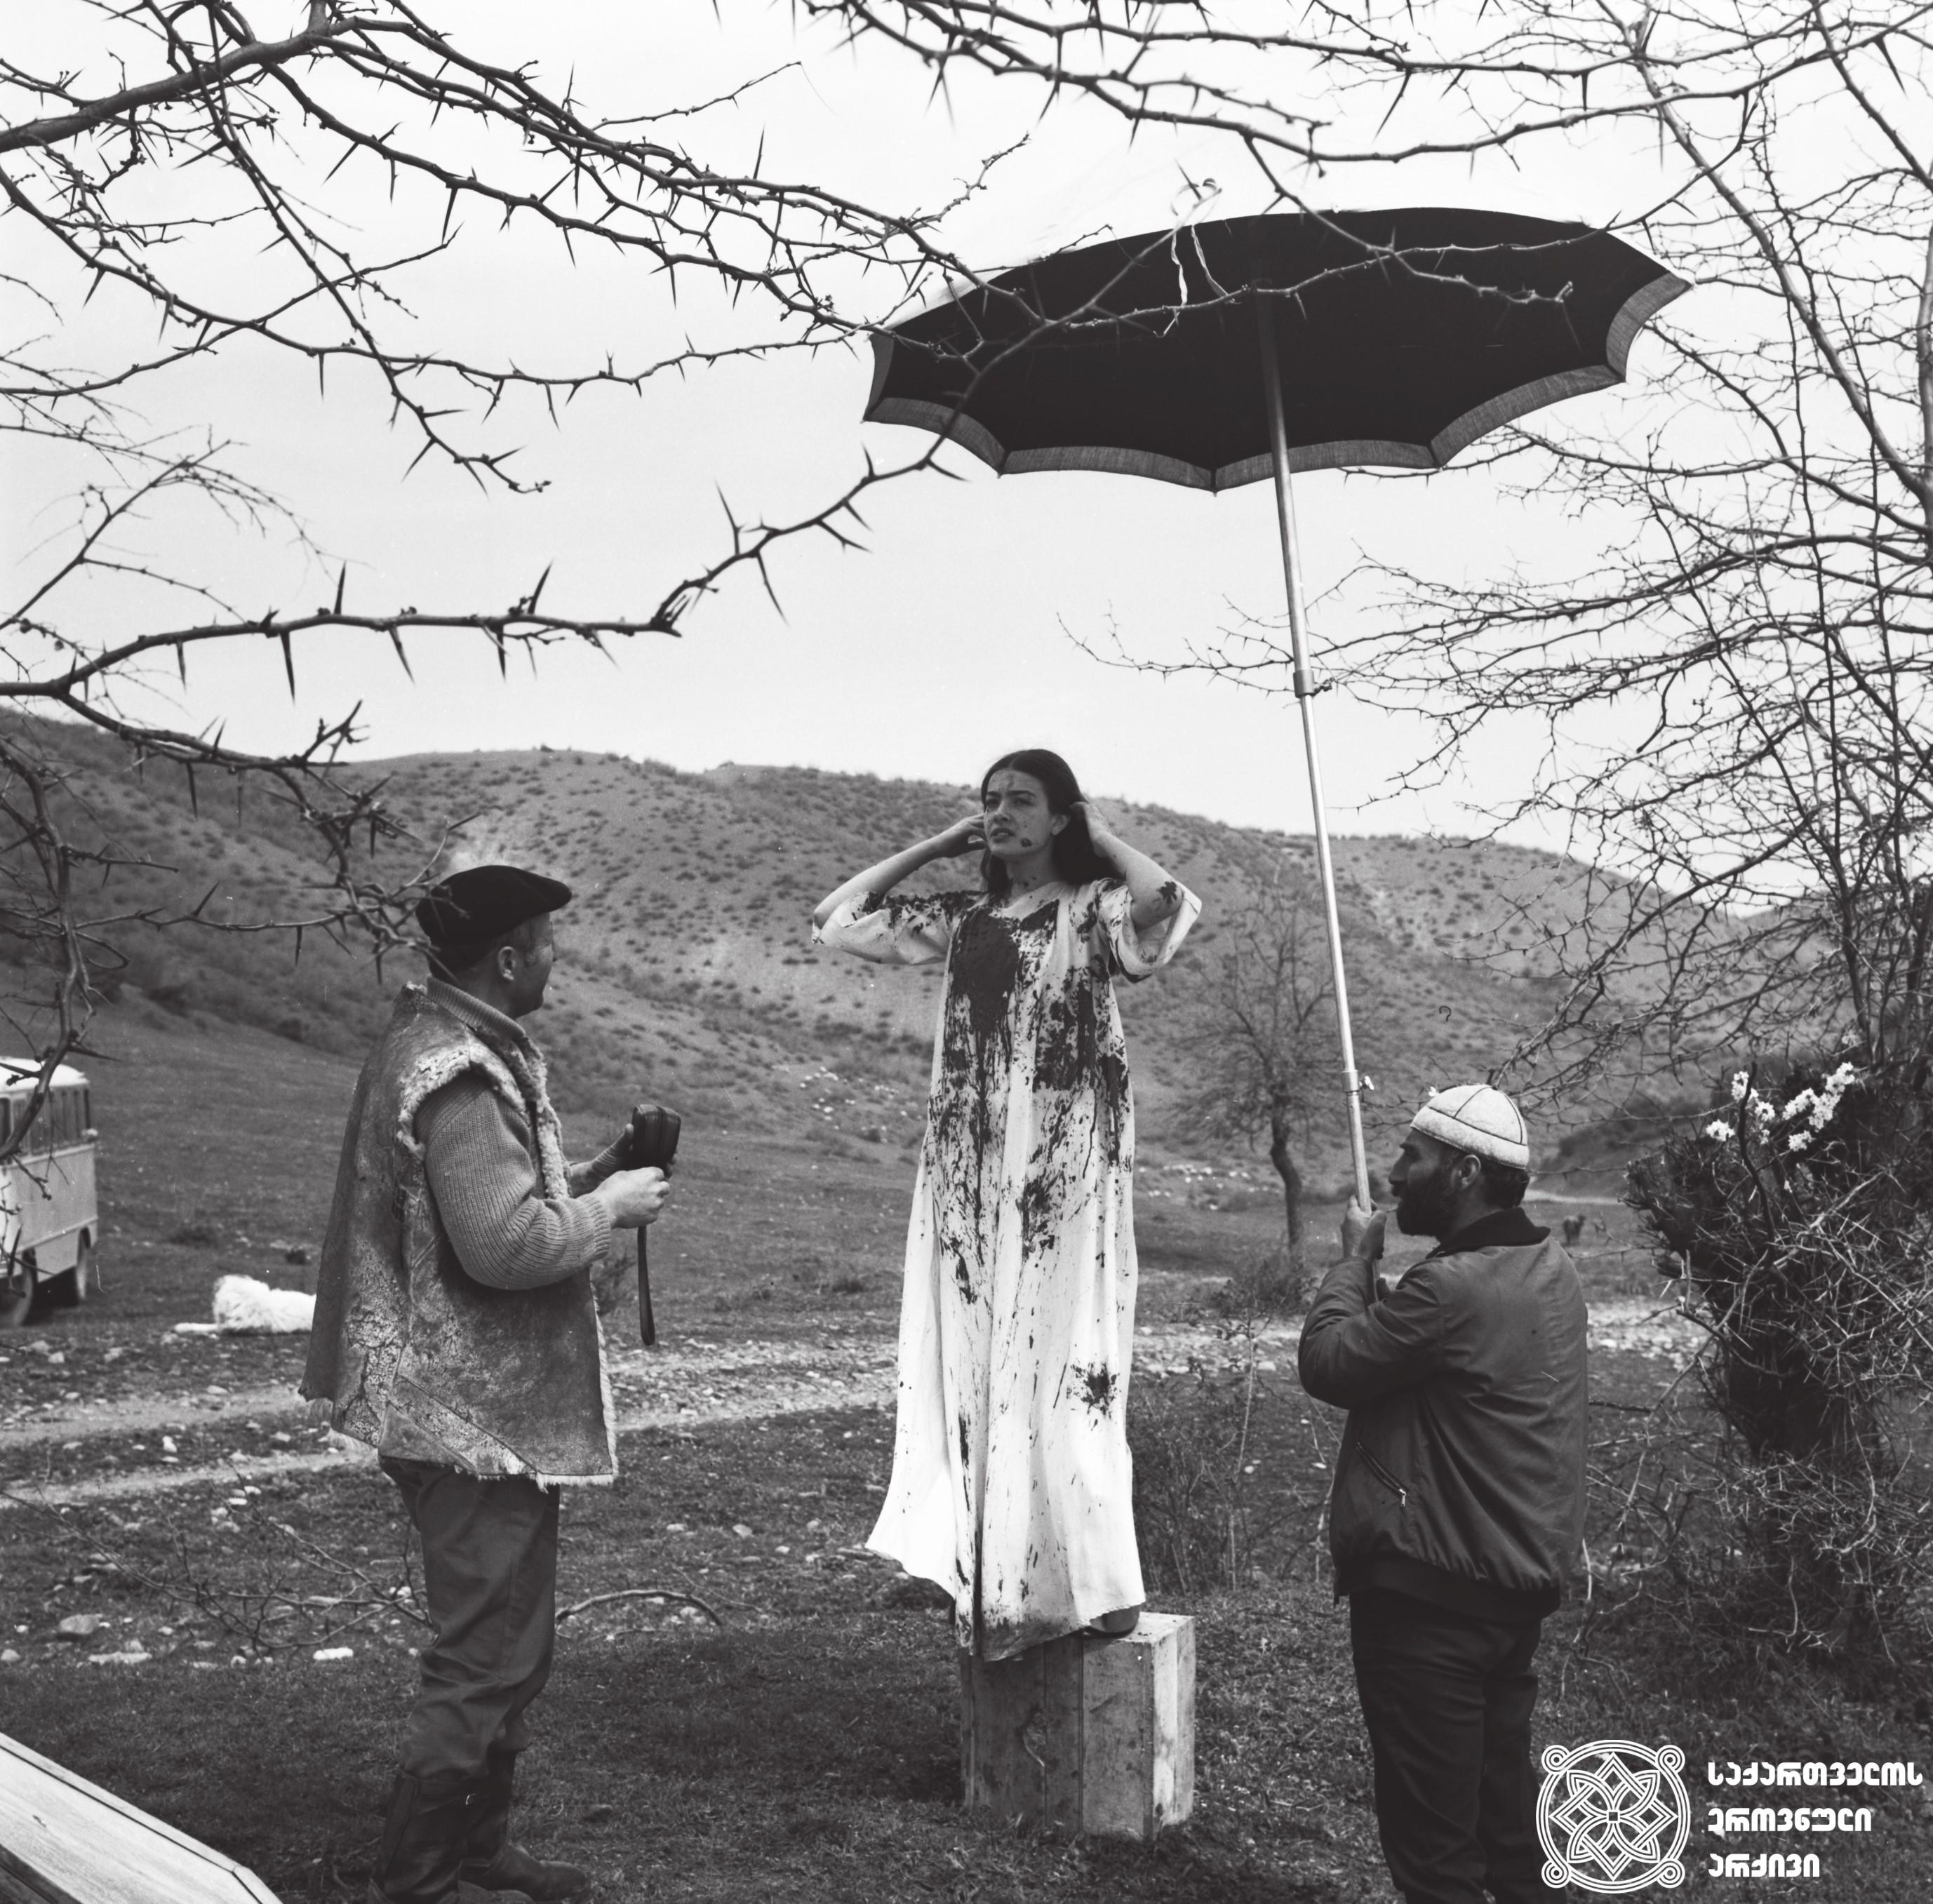 """მხატვრული ფილმი """"ნატვრის ხე"""", მსახიობი ლიკა ქავჟარაძე გადასაღებ მოედანზე. <br> რეჟისორი: თენგიზ აბულაძე. 1976  <br> Feature film """"Tree of Desire"""", actress Lika Kavzharadze on the filming location.  <br>Director: Tengiz Abuladze. 1976"""